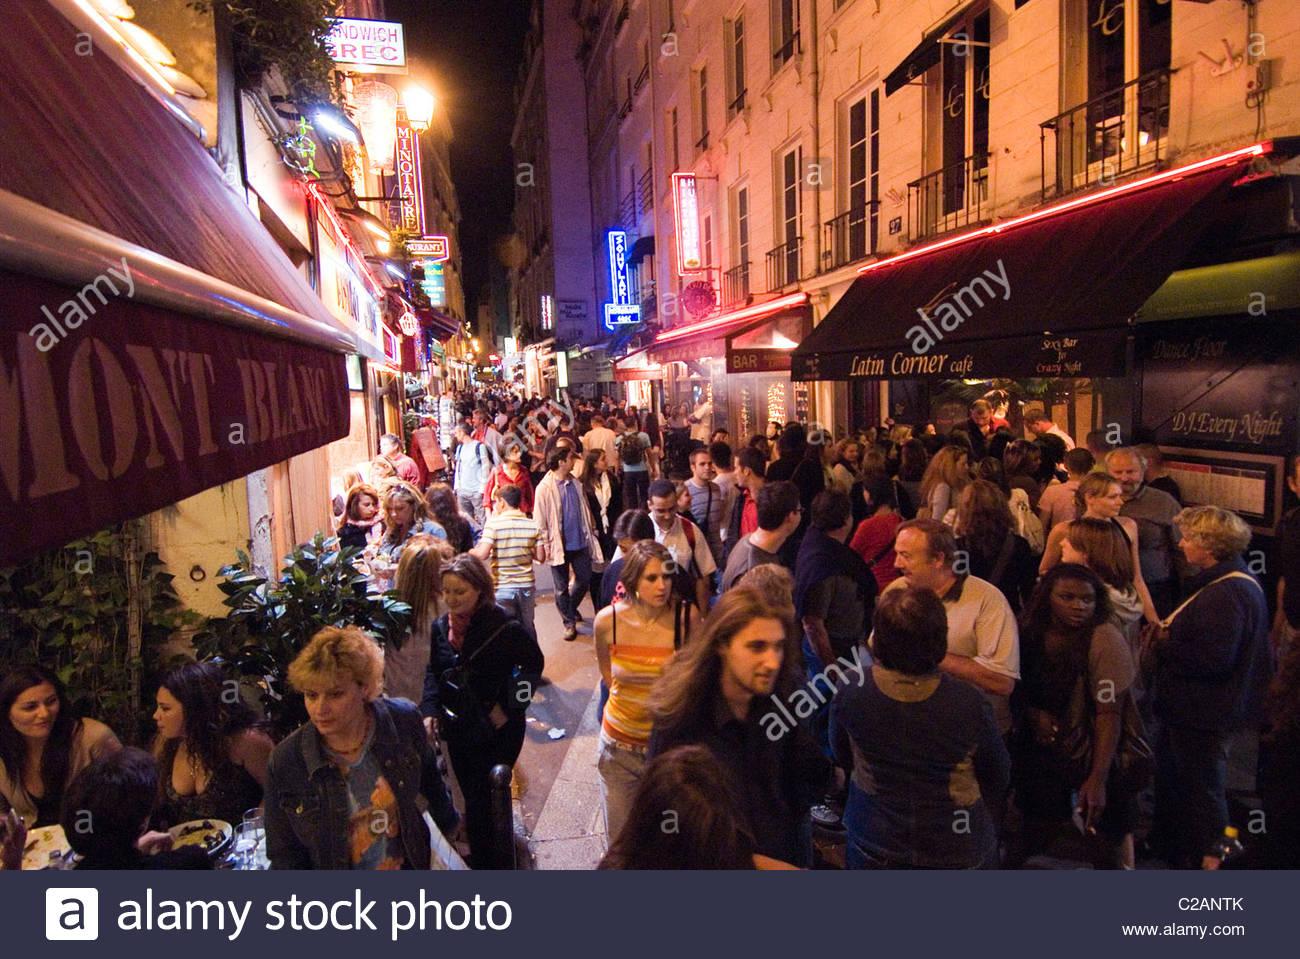 Eine Menge im Quartier Latin auf der Rive Gauche in Paris. Stockbild